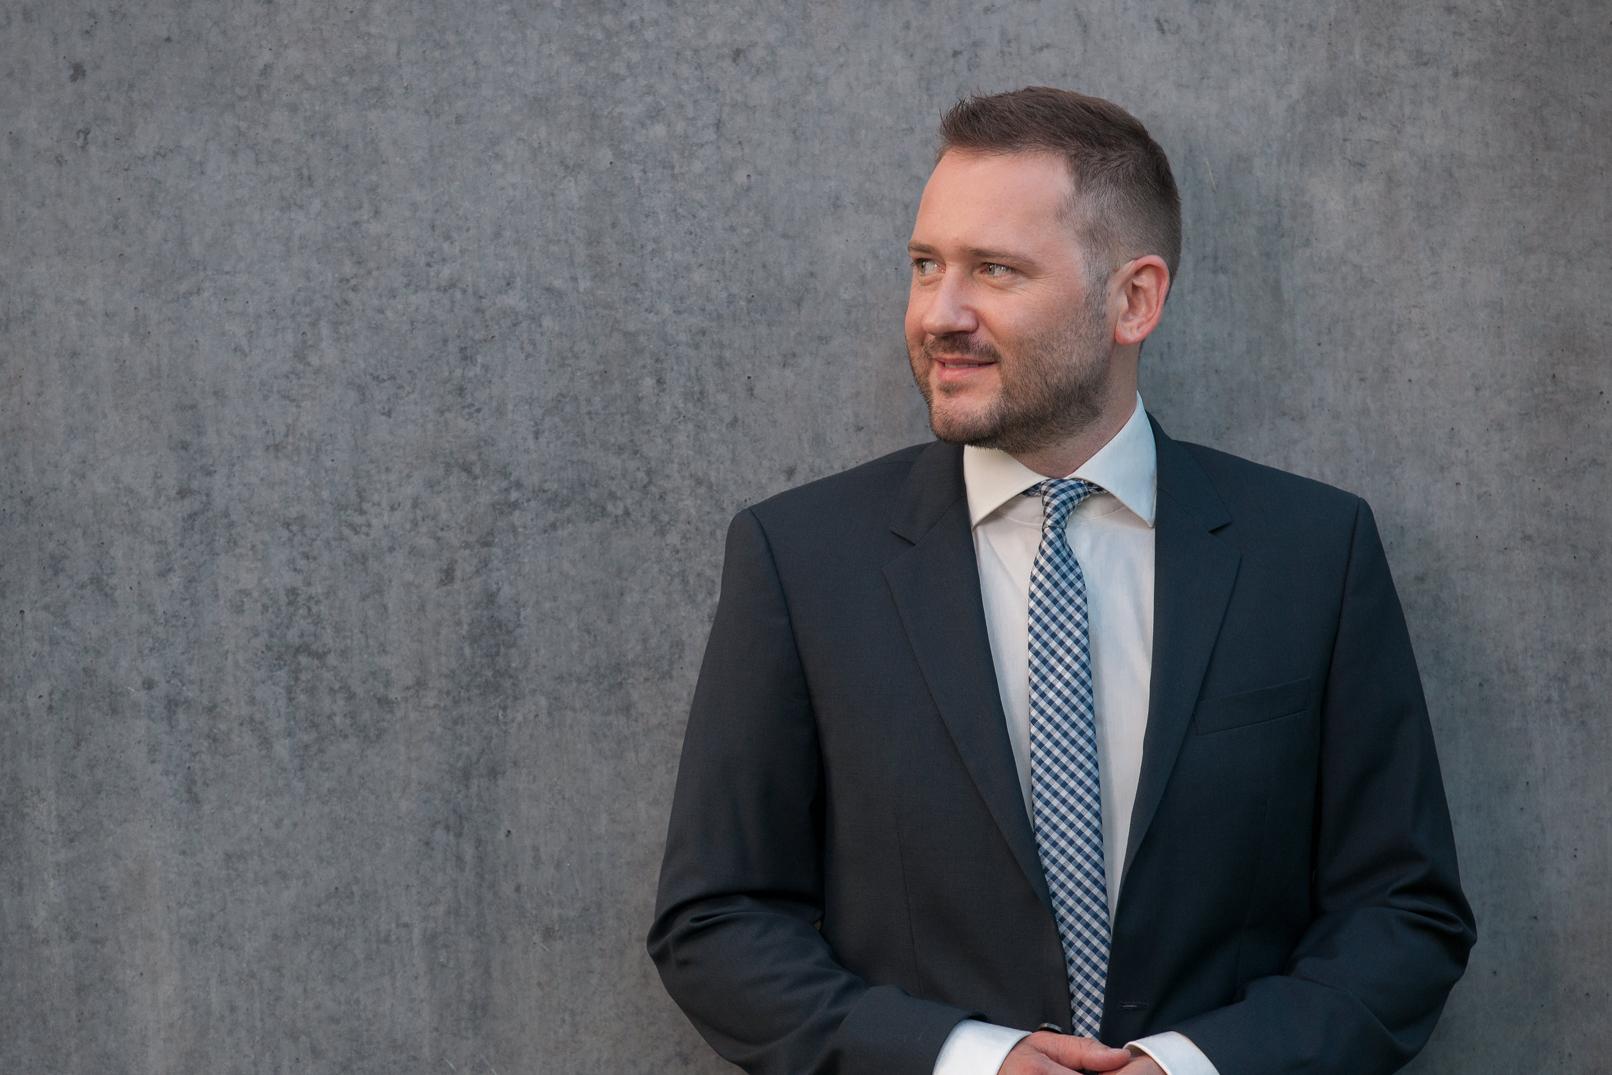 Mann vor grauer Wand beim Shooting eines Business-Portraits